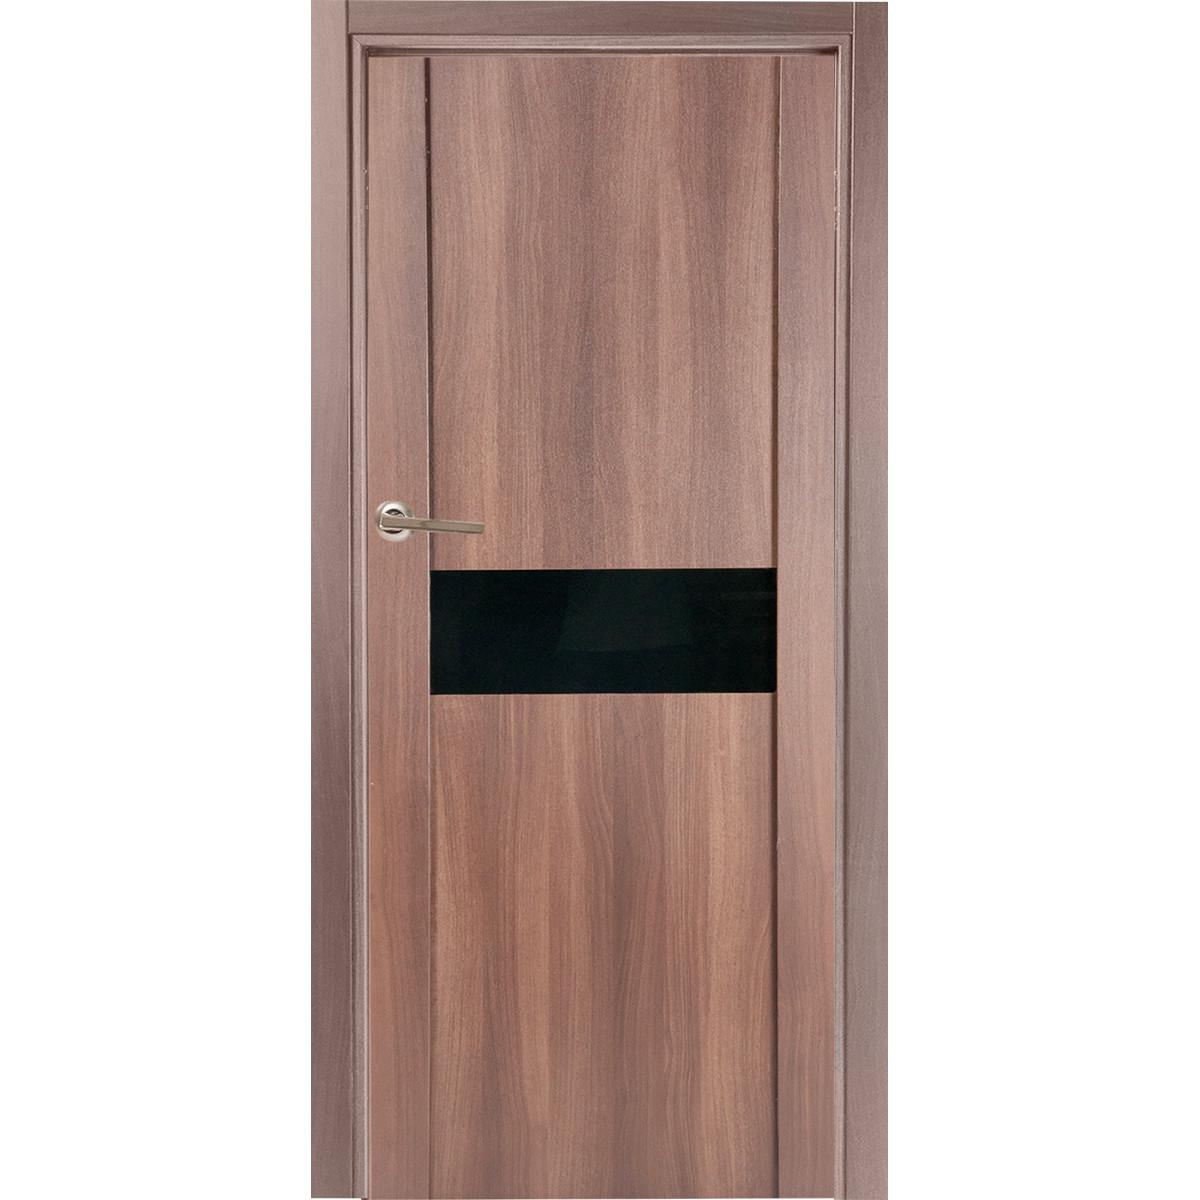 Дверь межкомнатная остеклённая Artens Велдон 90x200 см цвет мокко без фурнитуры